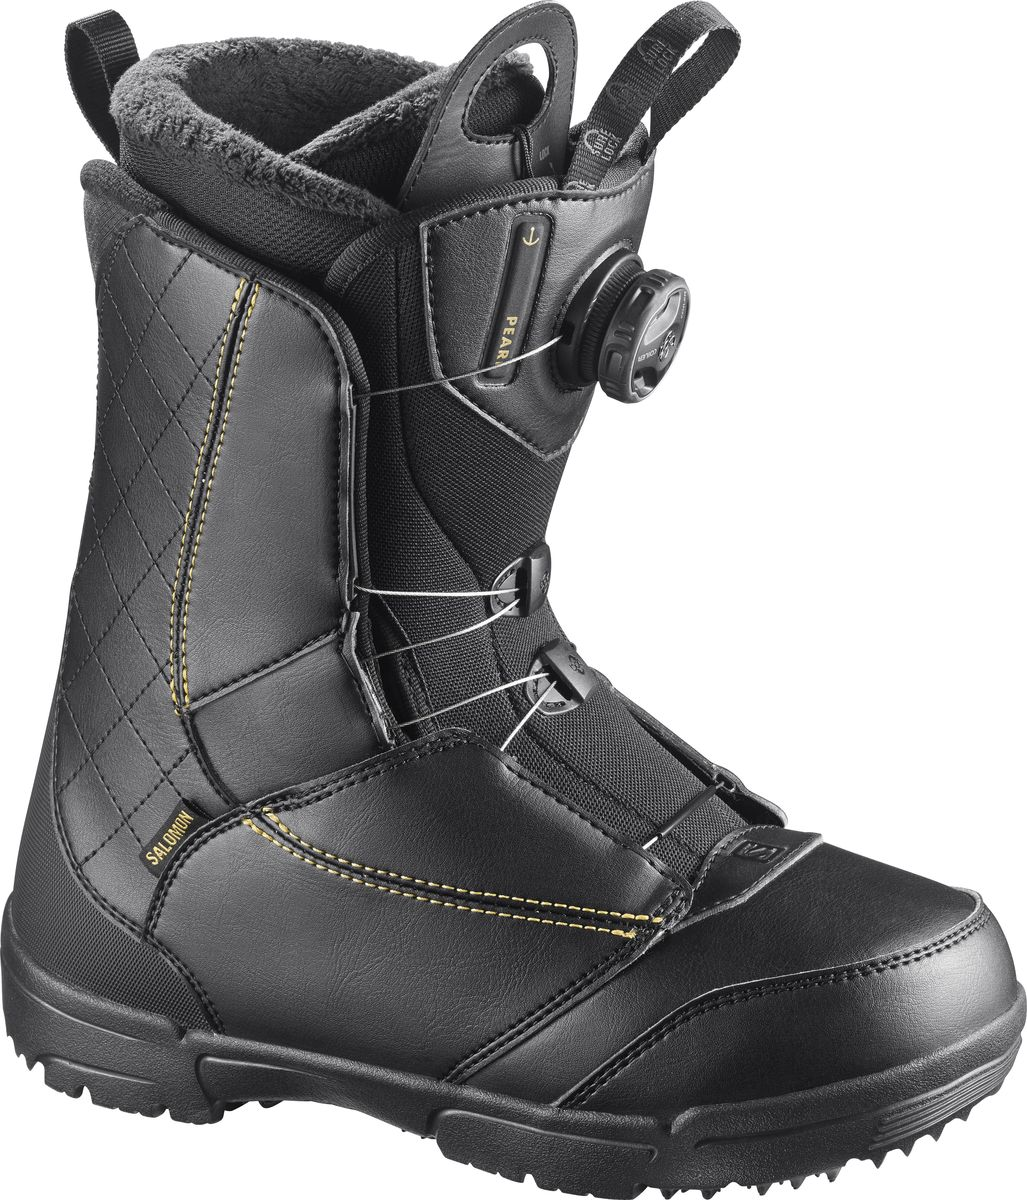 Ботинки для сноуборда Salomon Pearl Boa, цвет: черный, золотистый. Размер 25,5 (39)L39868900Простые, быстрые, женственные - Pearl BOA отличаются потрясающим утеплением, посадкой и долговечностью.